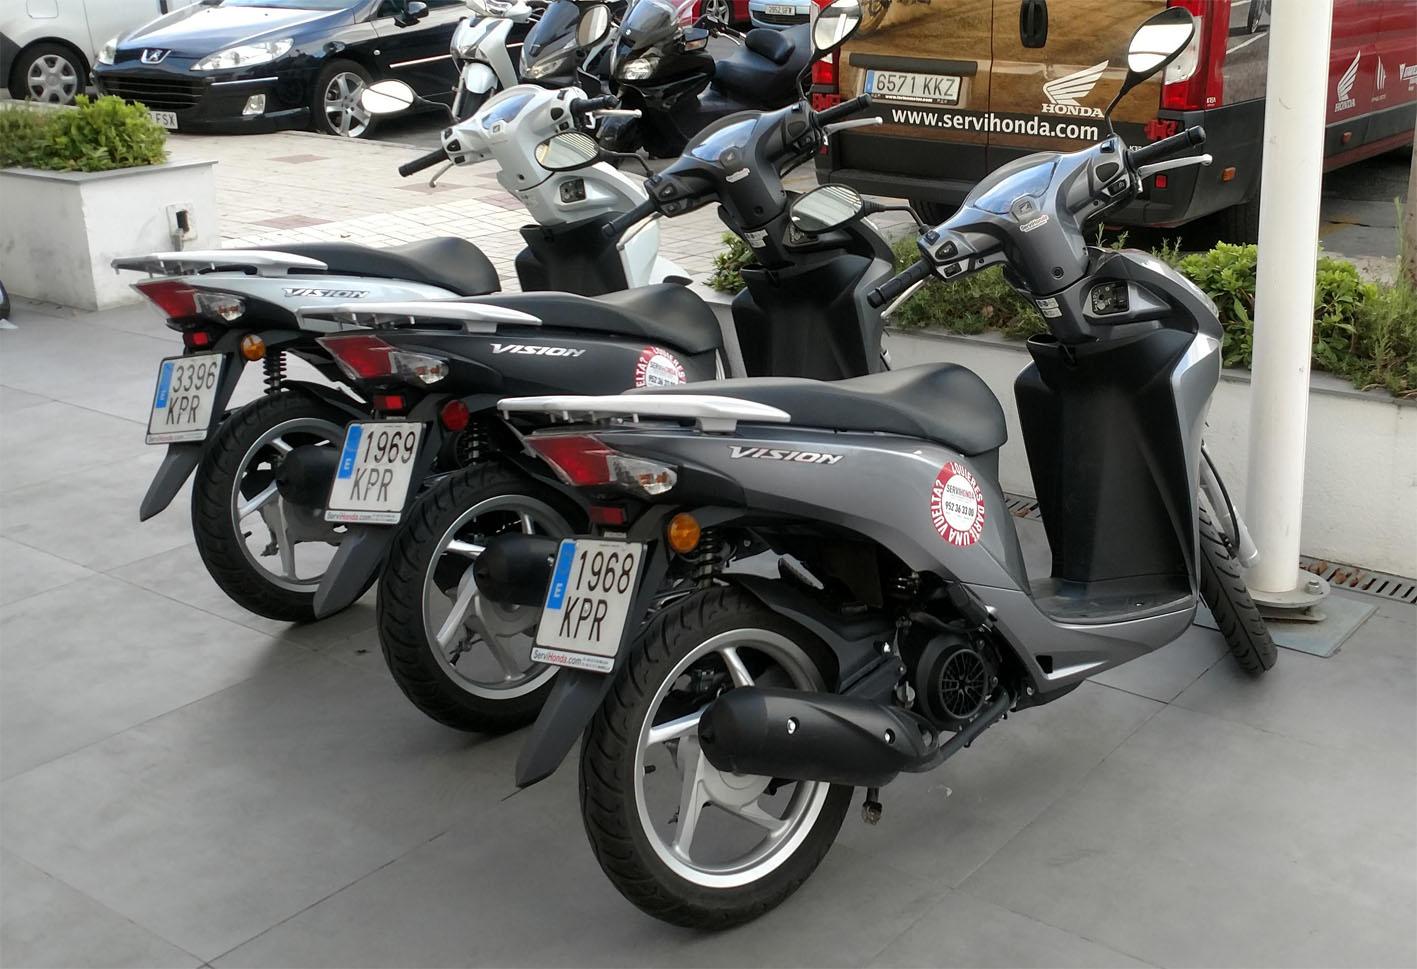 Honda Visión Demo Bike en Servihonda.